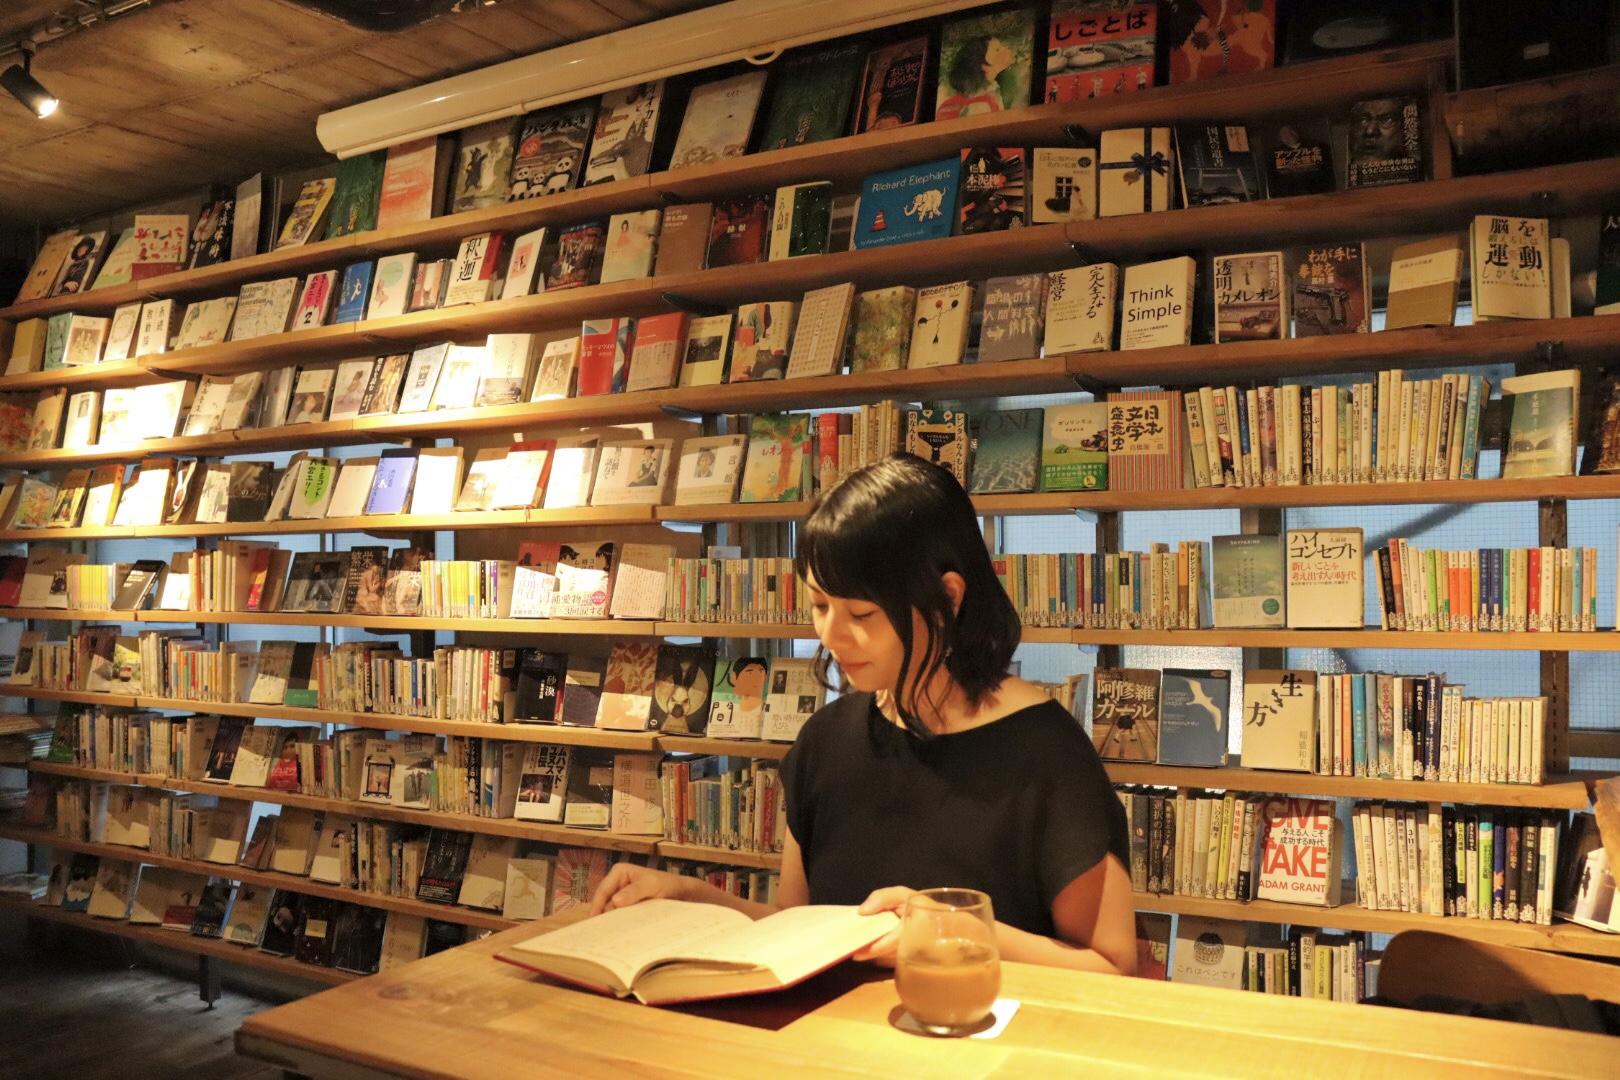 【飲食OK、おしゃべりOK、夜も開館】渋谷の穴場図書室_1